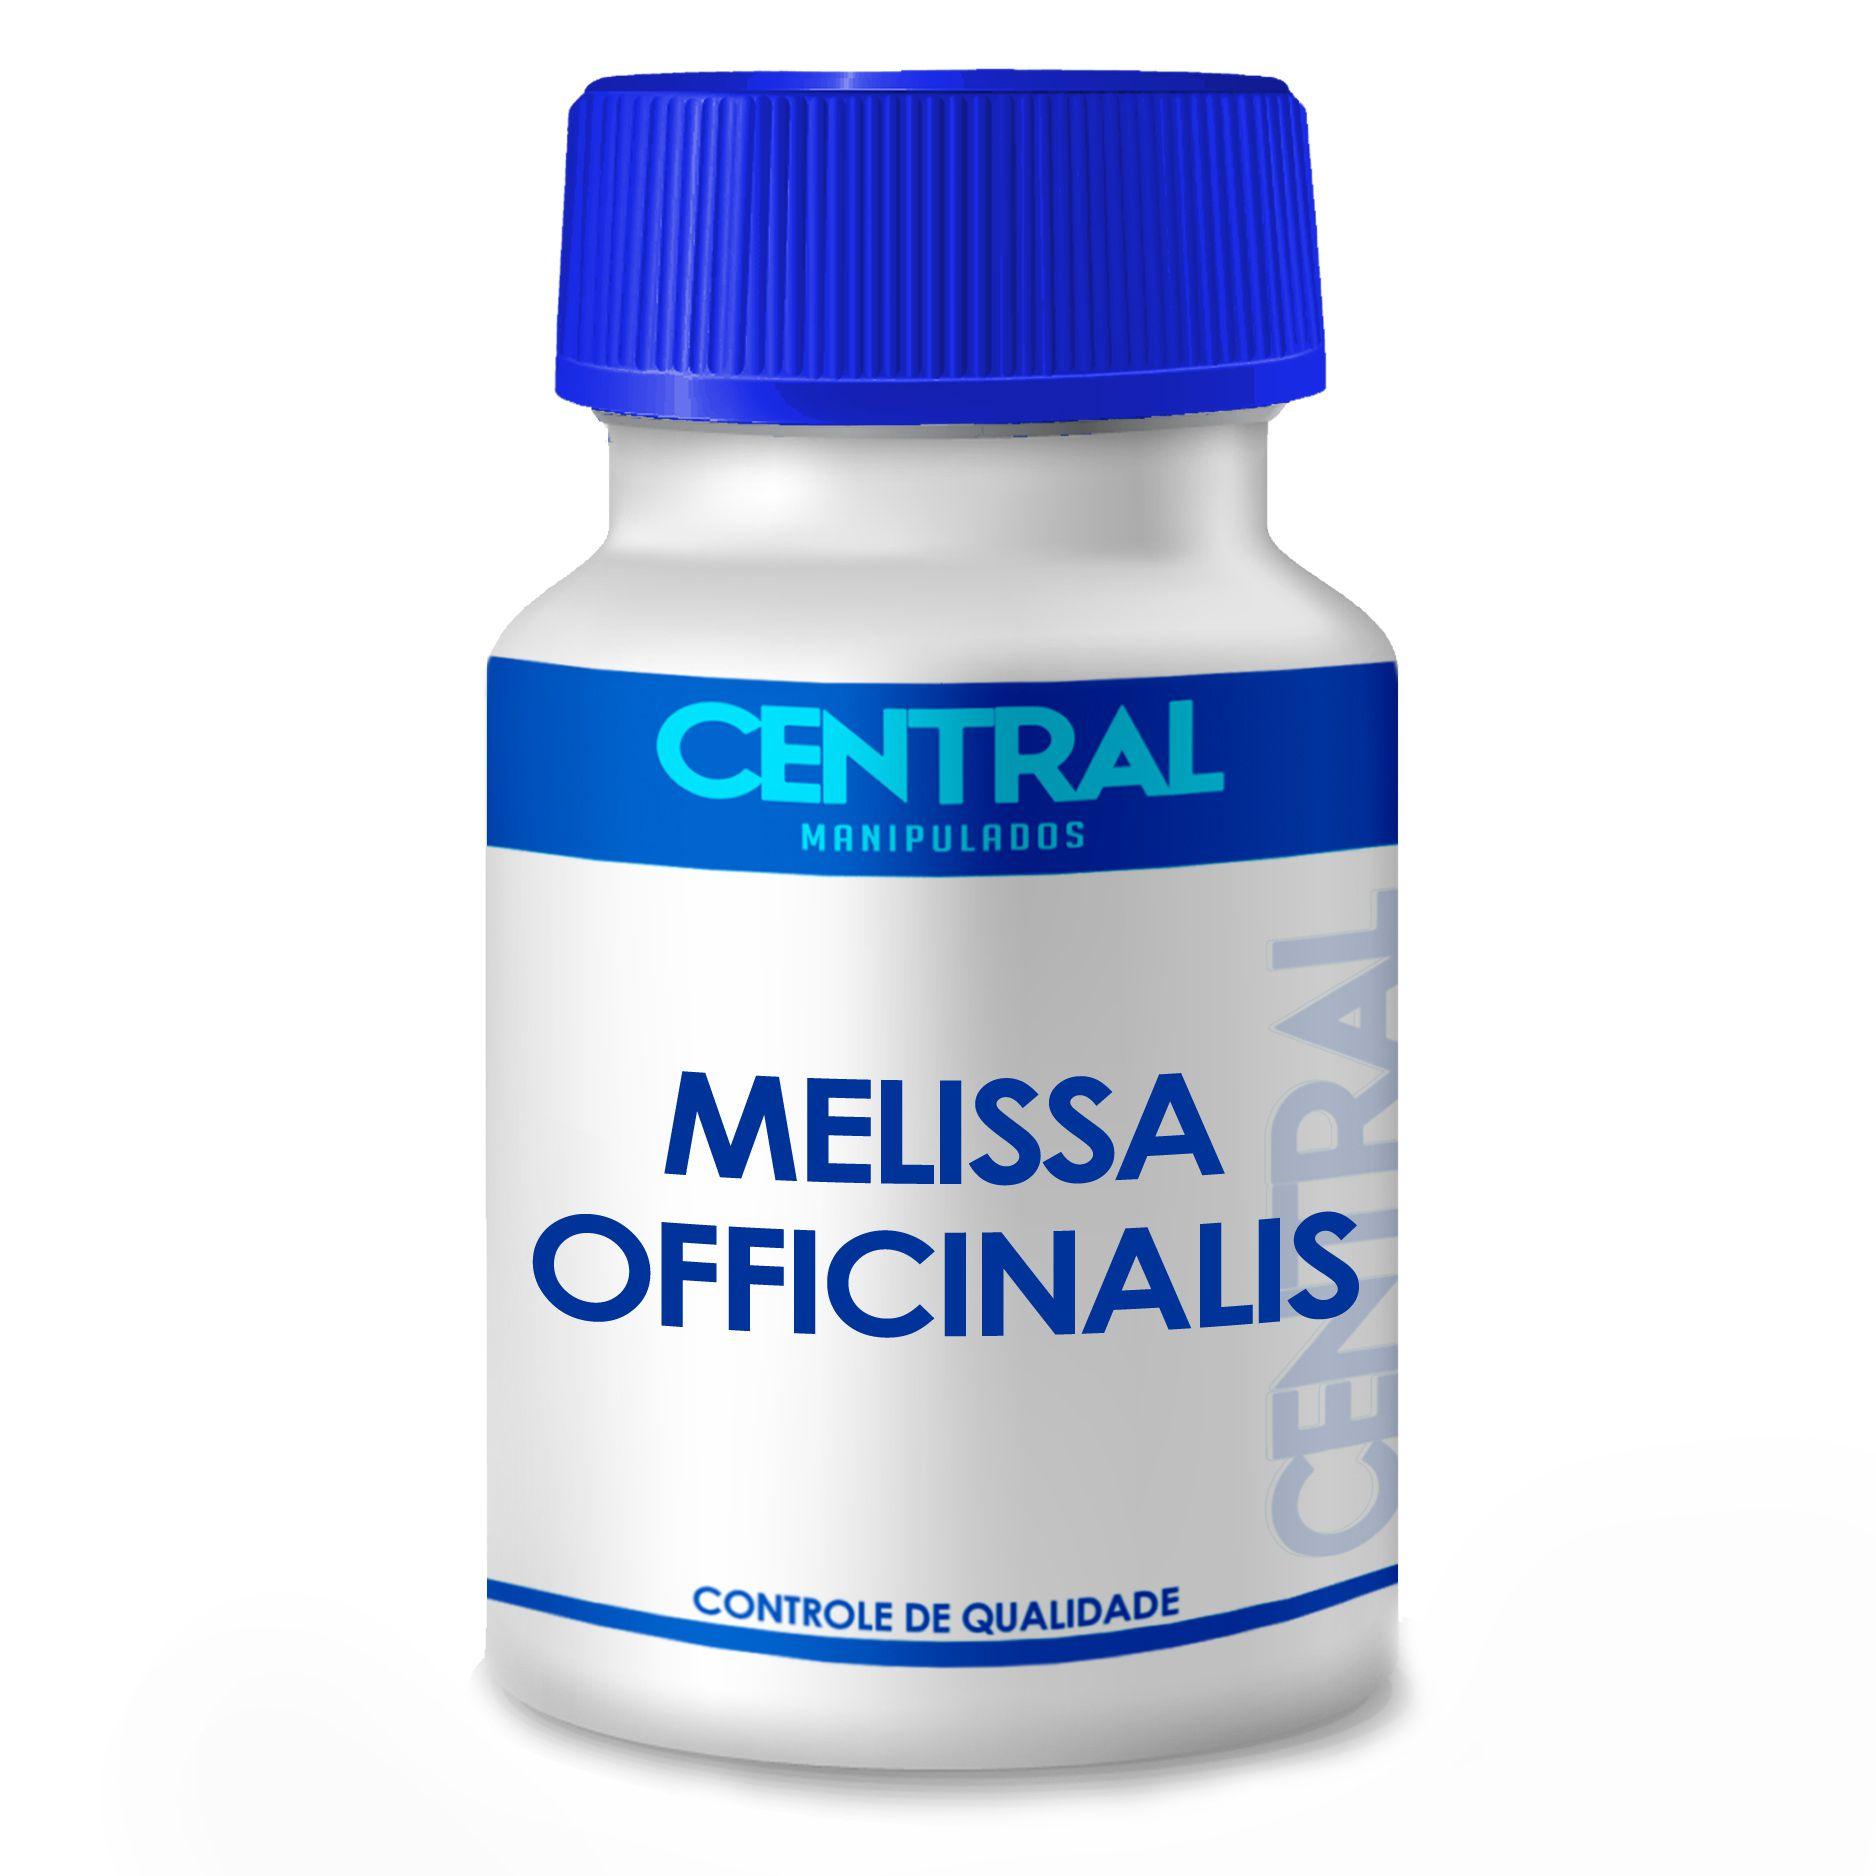 Melissa officinalis - Auxilia no tratamento do nervosismo, agitação e distúrbios do sono - 500mg 120 cápsulas